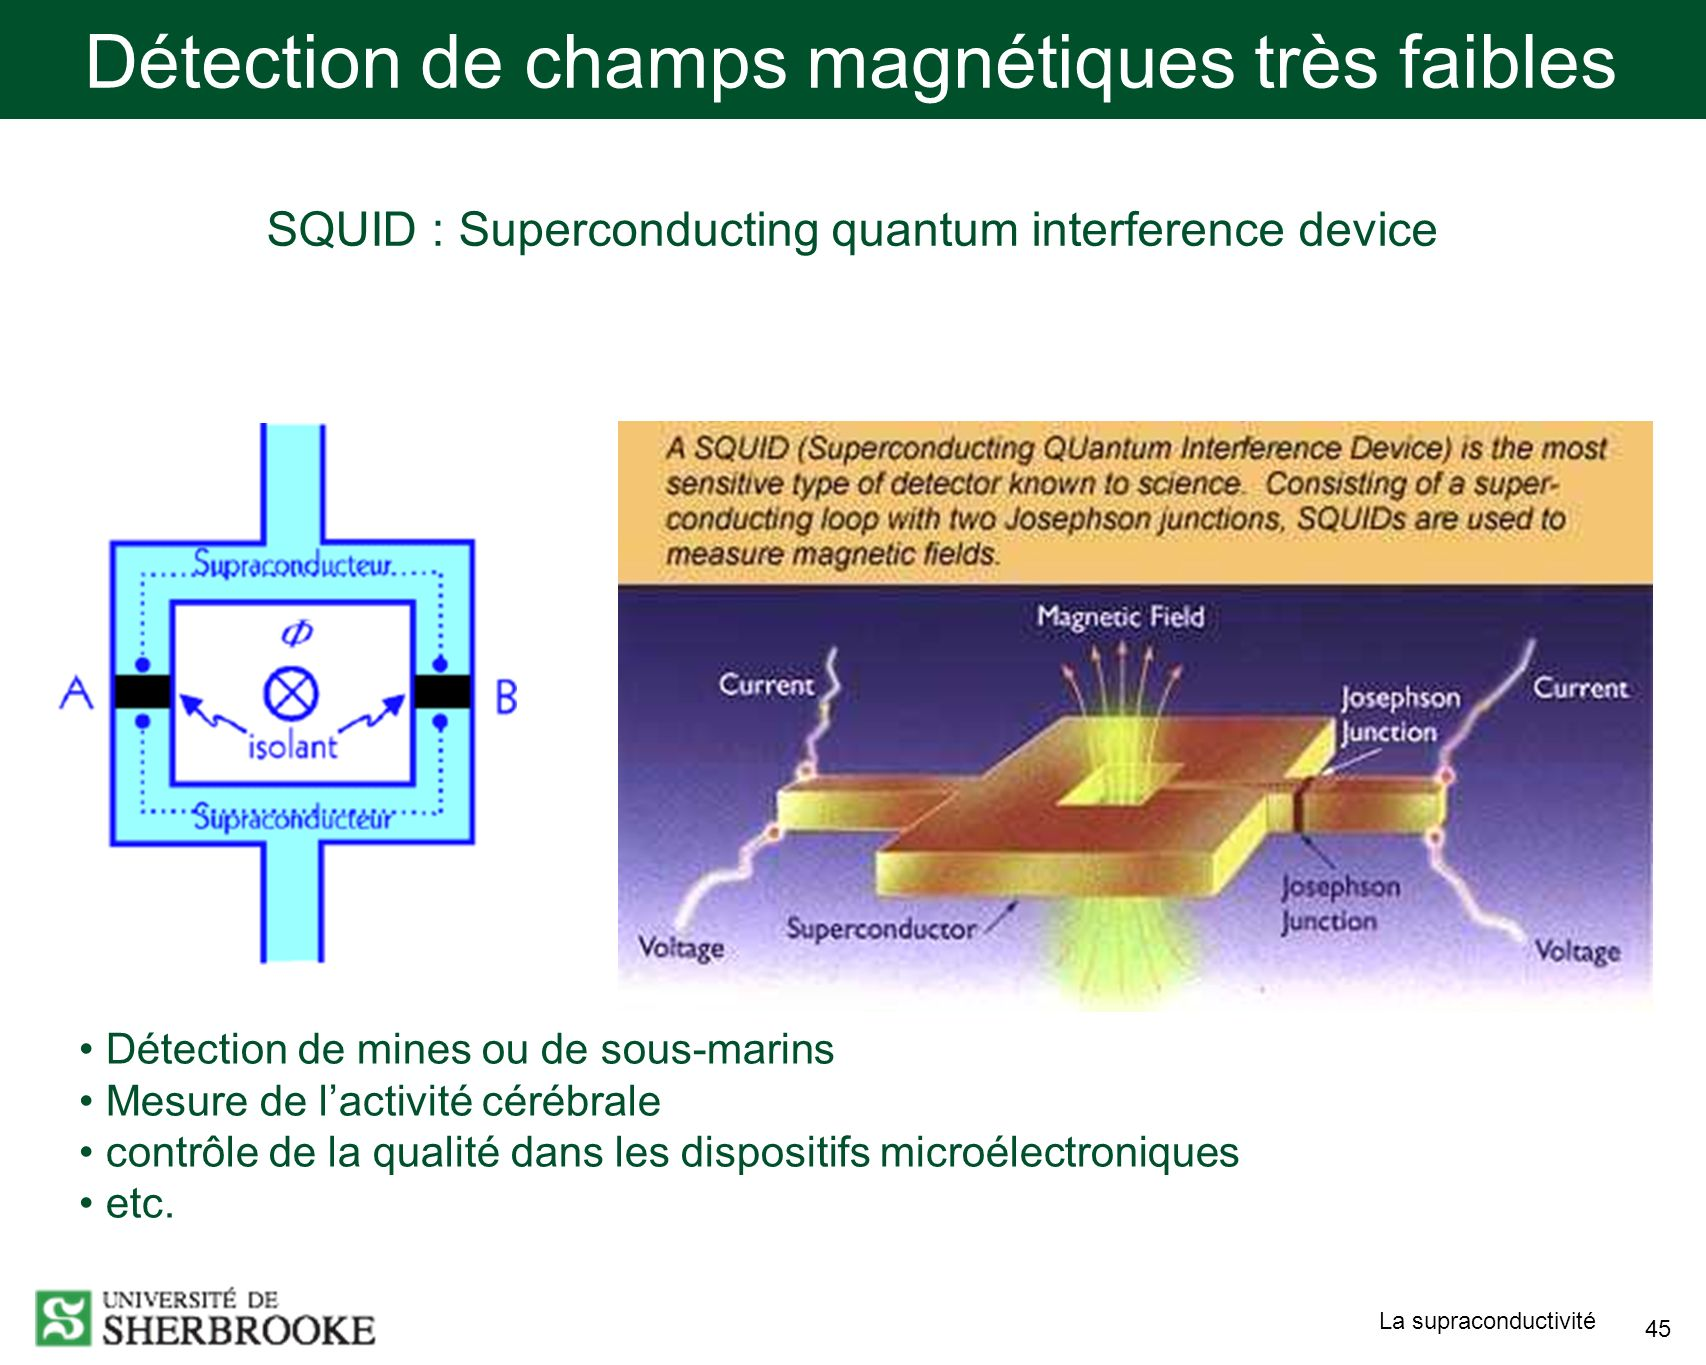 La supraconductivité 45 Détection de champs magnétiques très faibles SQUID : Superconducting quantum interference device Détection de mines ou de sous